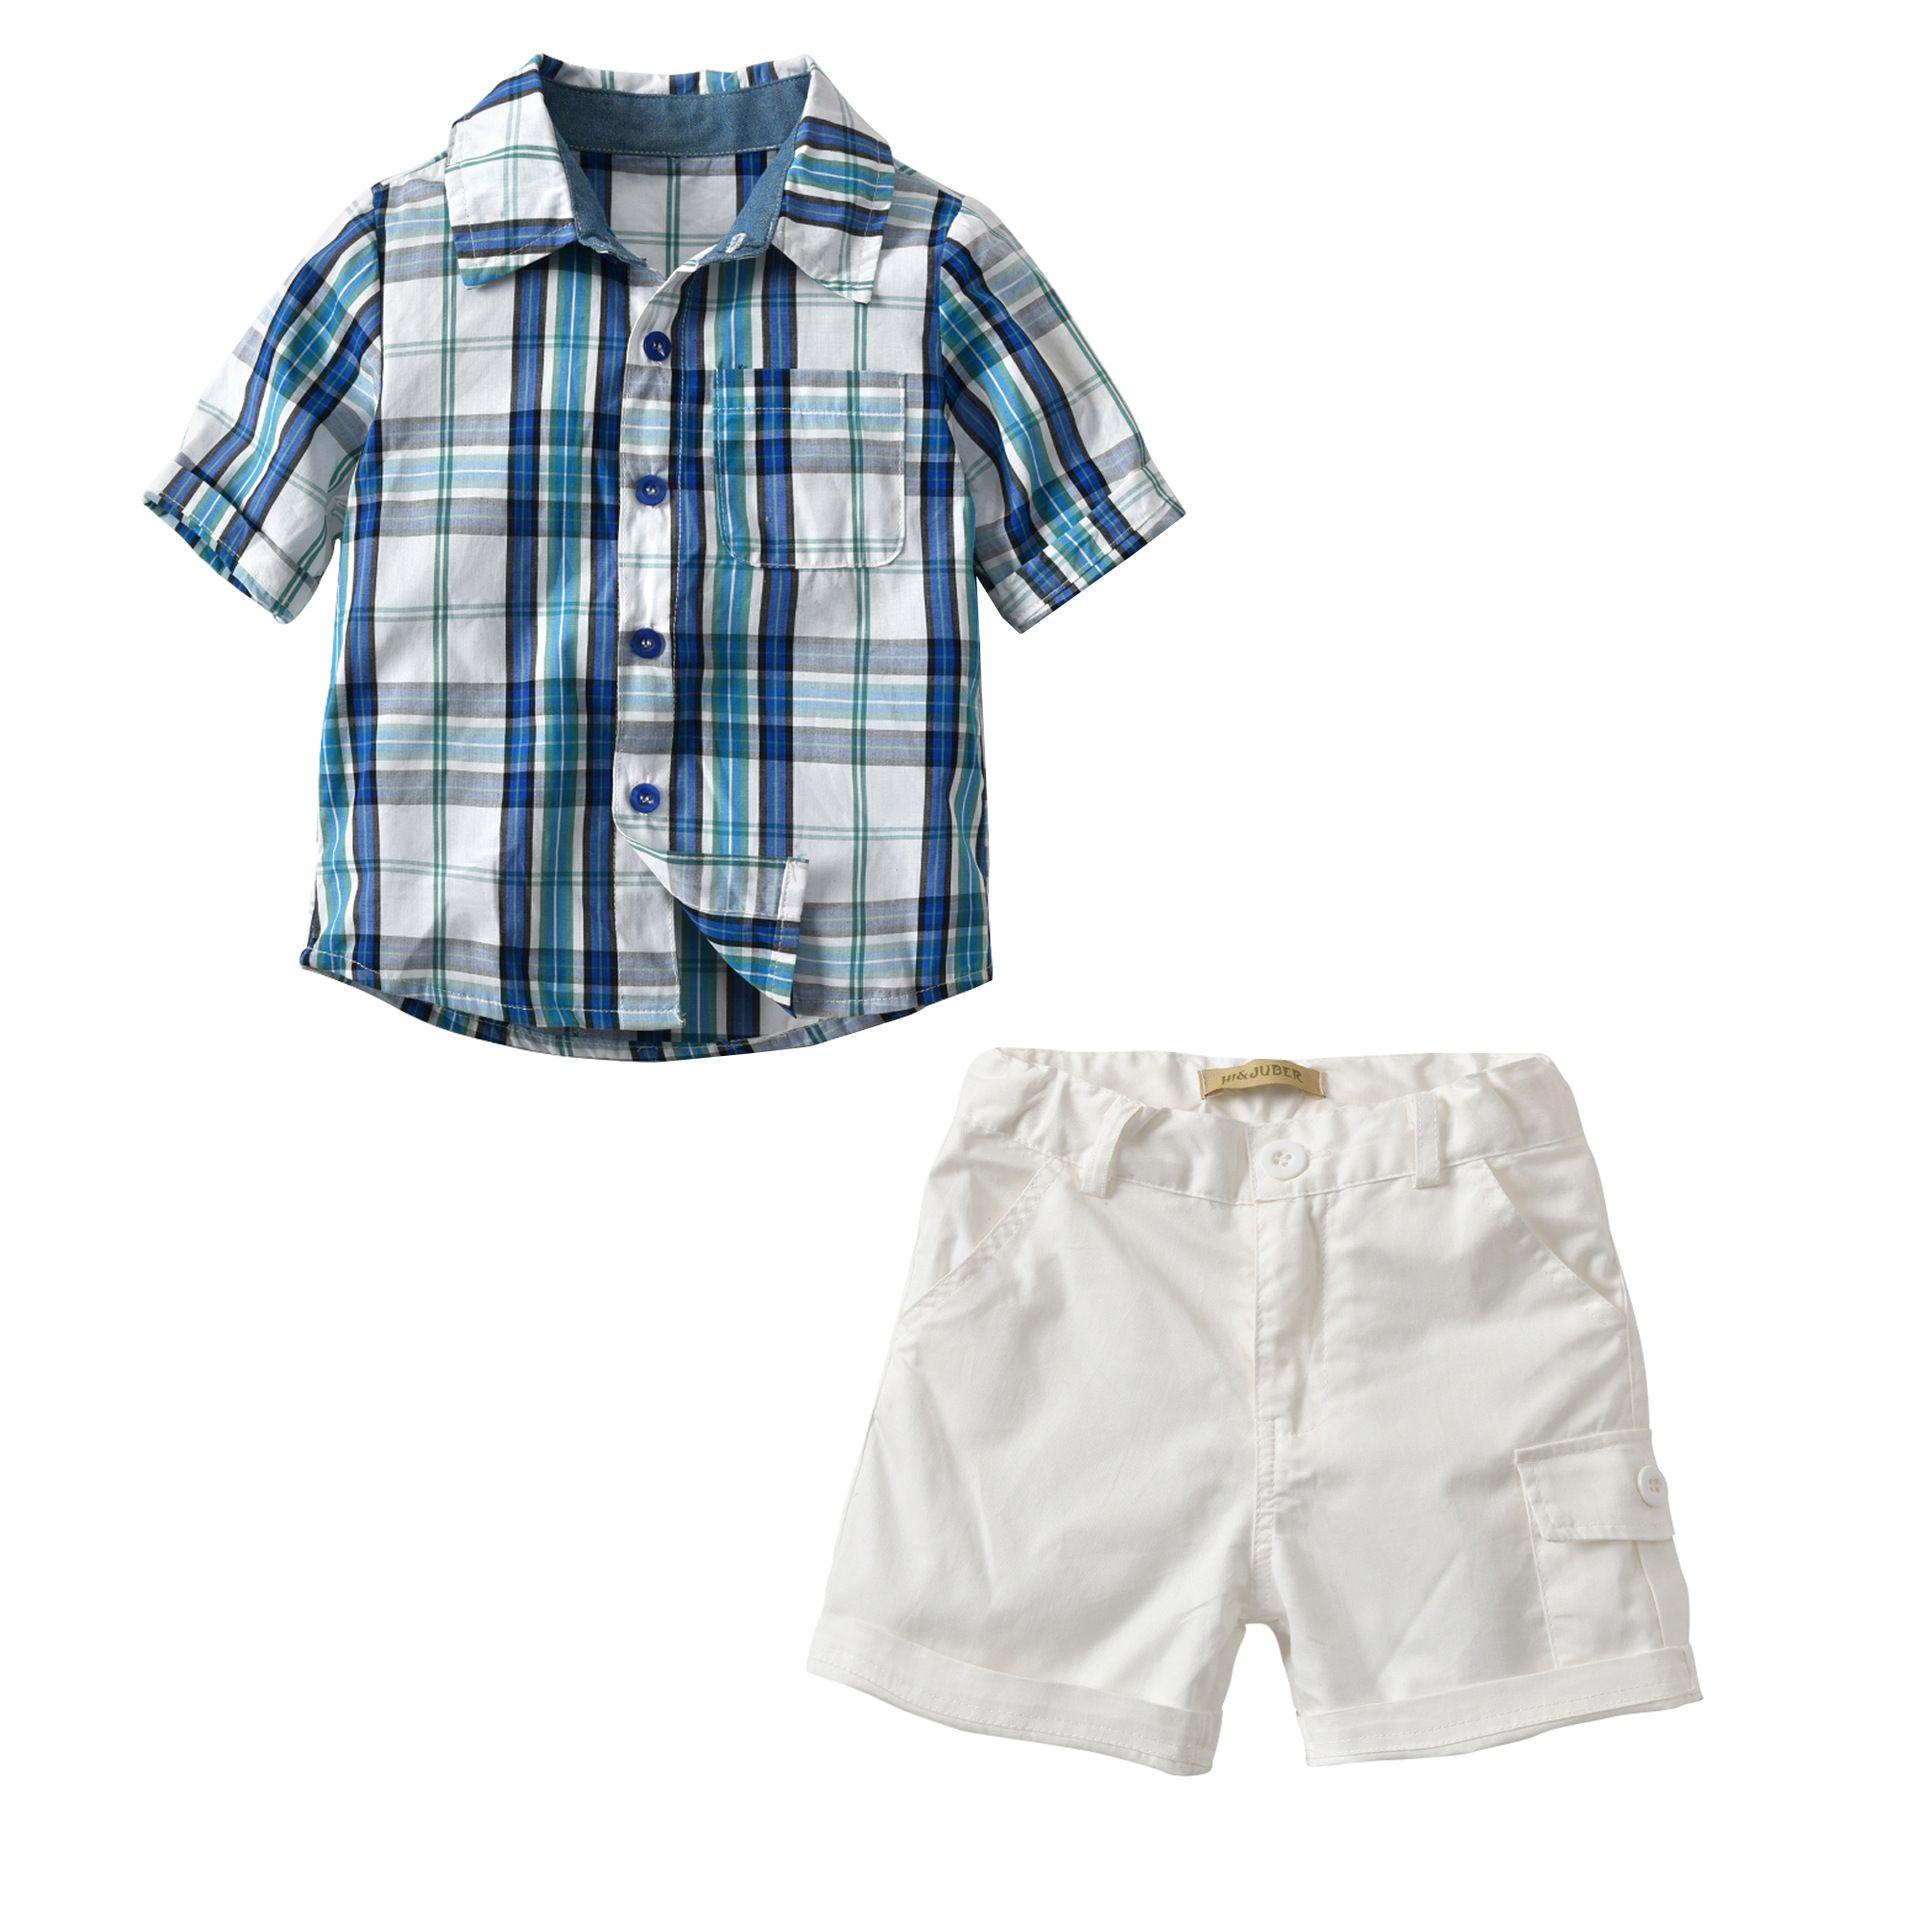 5027abd09 2018 Summer Boy Plaid shirts Short sleeve + shorts 2pcs set 100% Cotton  Child clothing Wholesale 1-5T